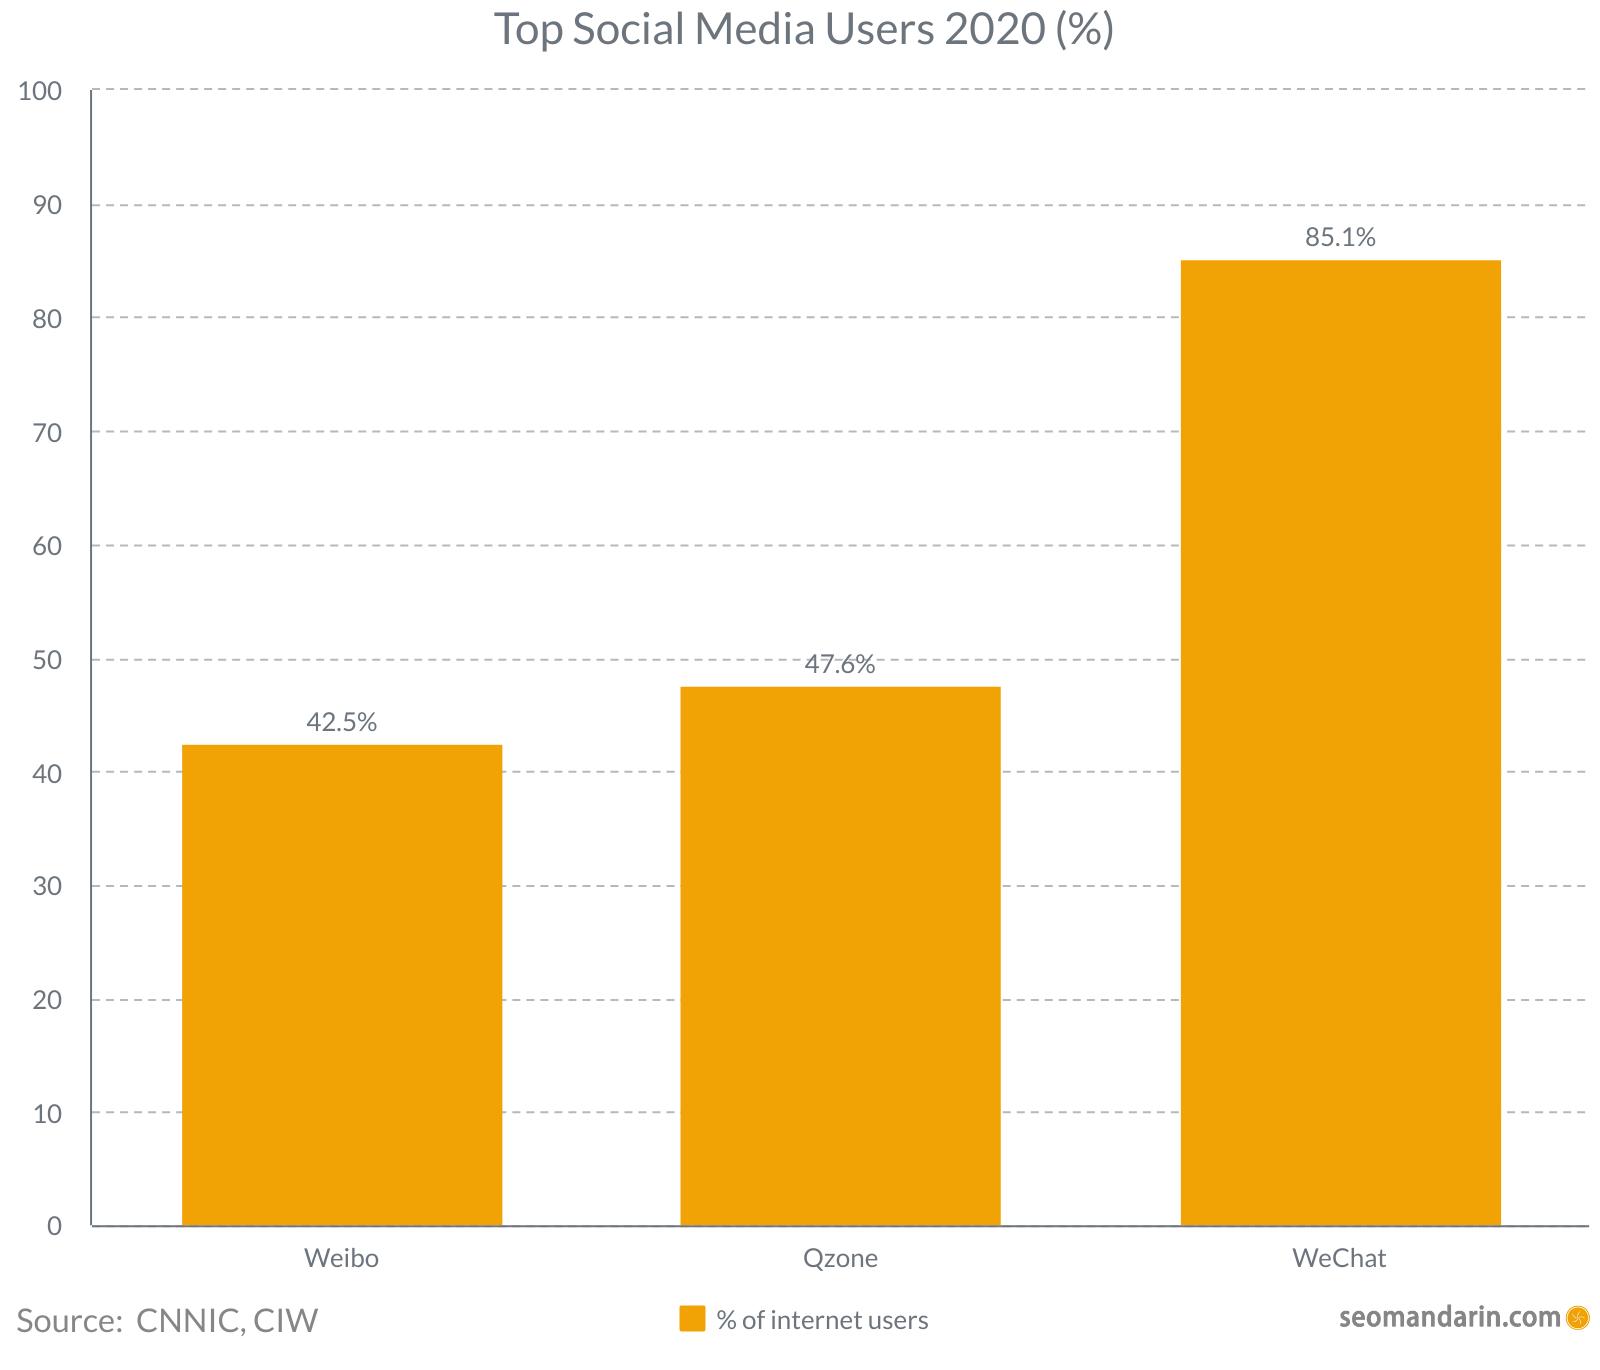 China Top social media users 2020